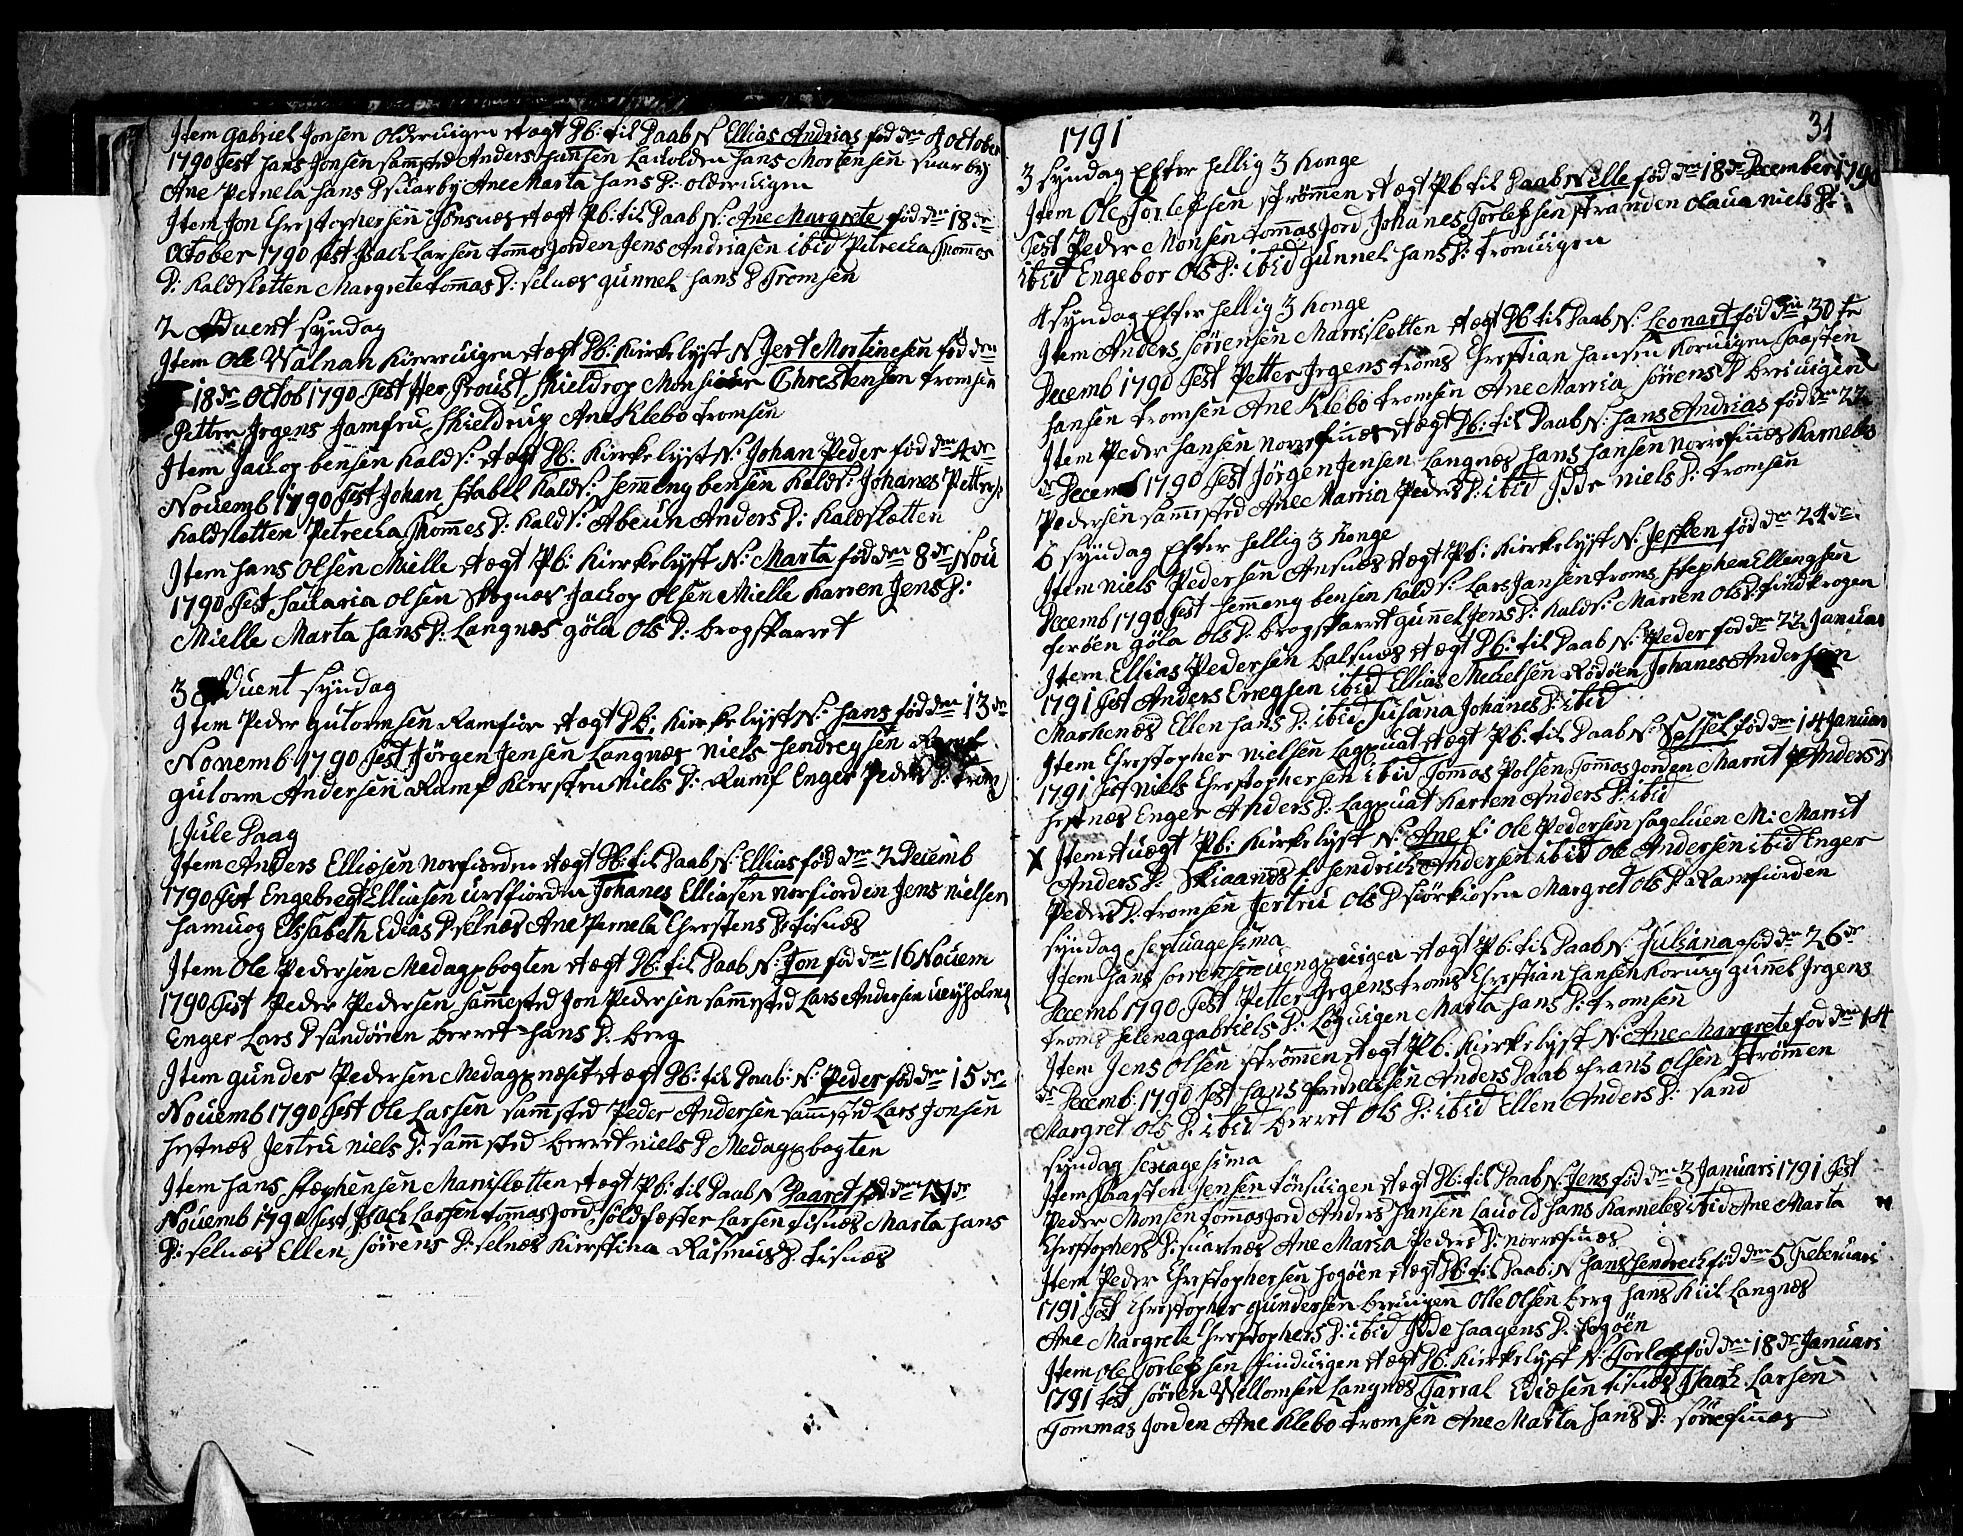 SATØ, Tromsø sokneprestkontor/stiftsprosti/domprosti, G/Ga/L0004kirke: Ministerialbok nr. 4, 1787-1795, s. 31